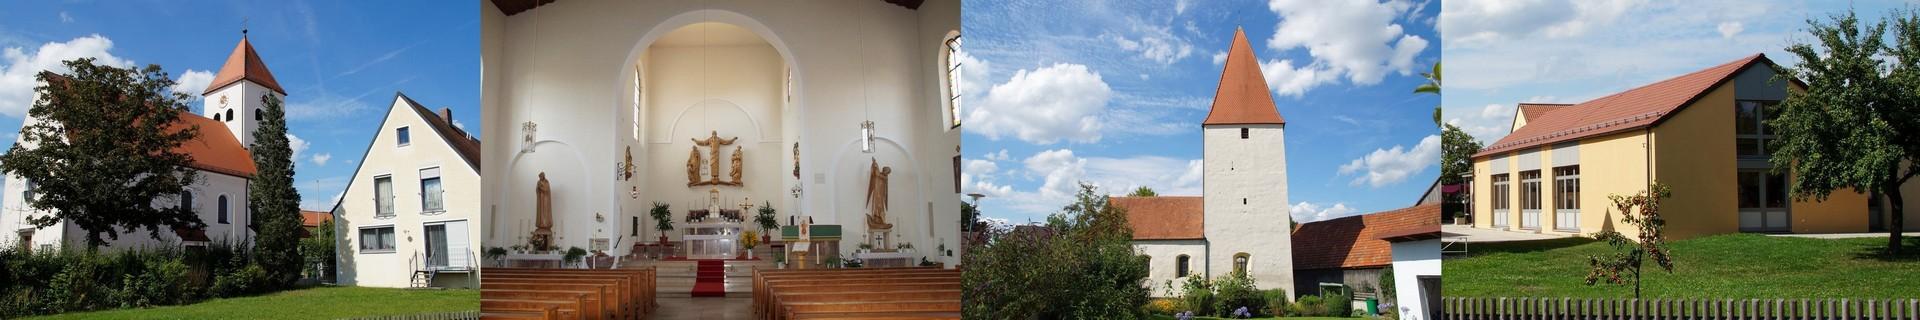 Slider Kirchen Stulln 1920x320